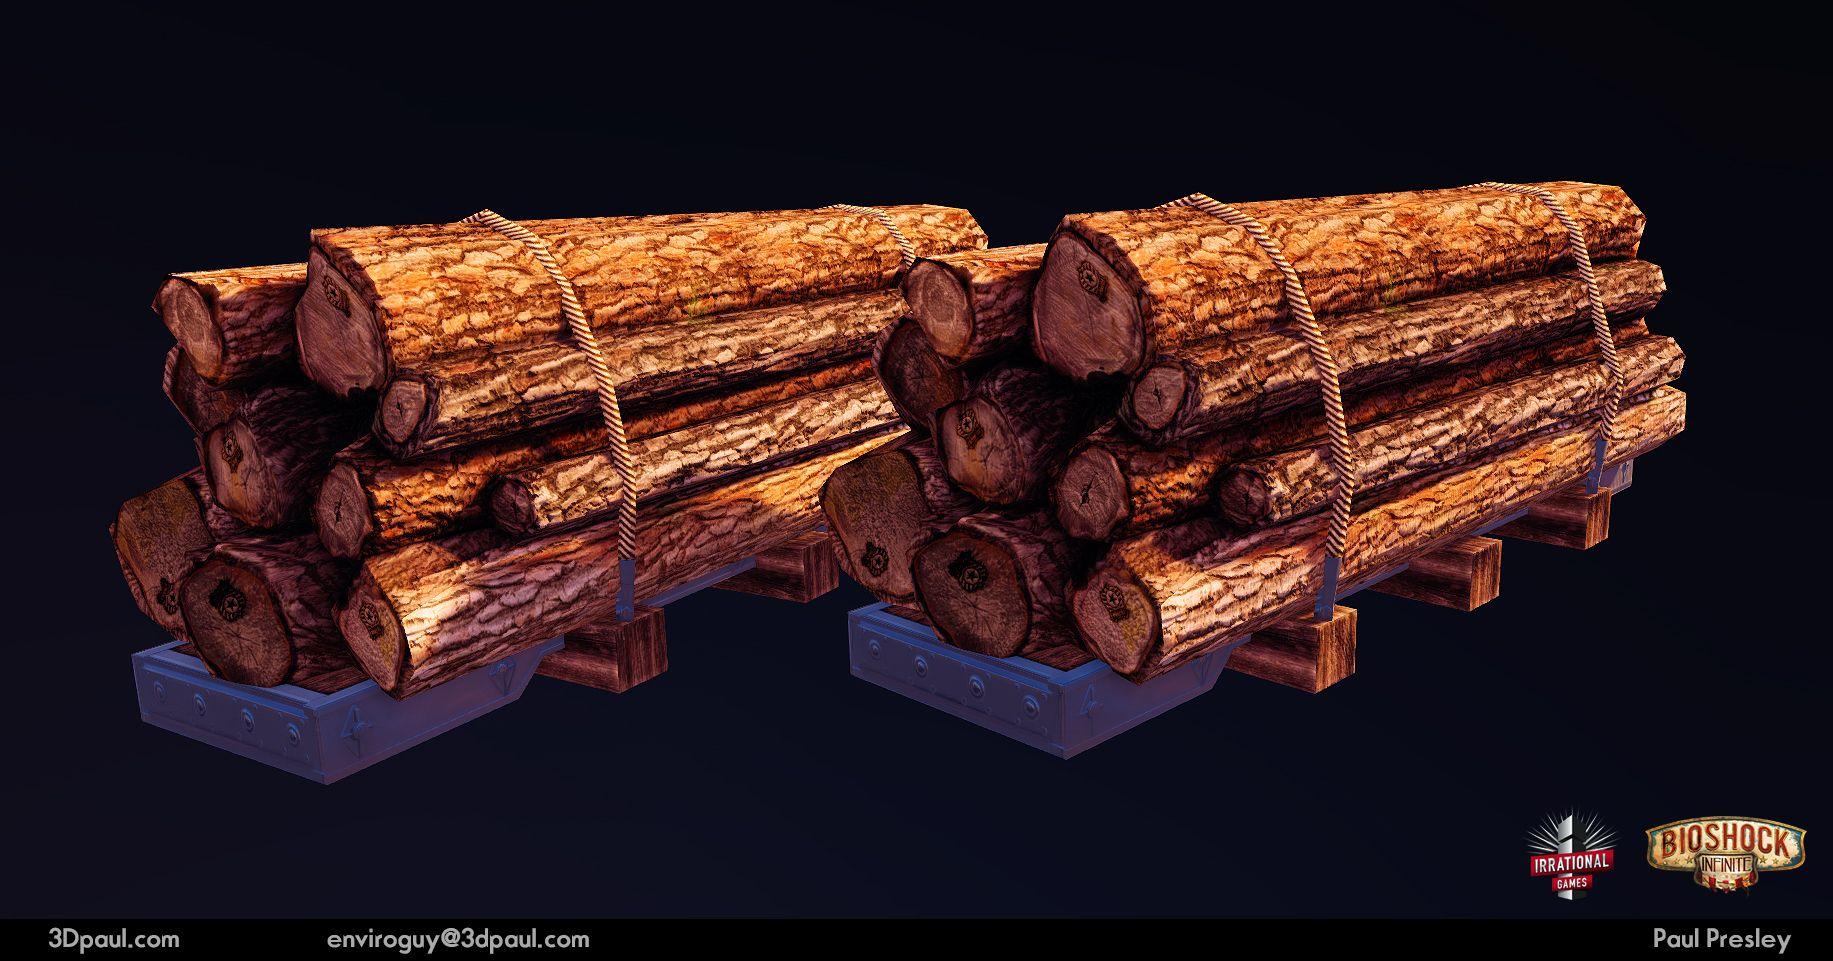 13_WoodLogs.jpg 1,833×961 pixels